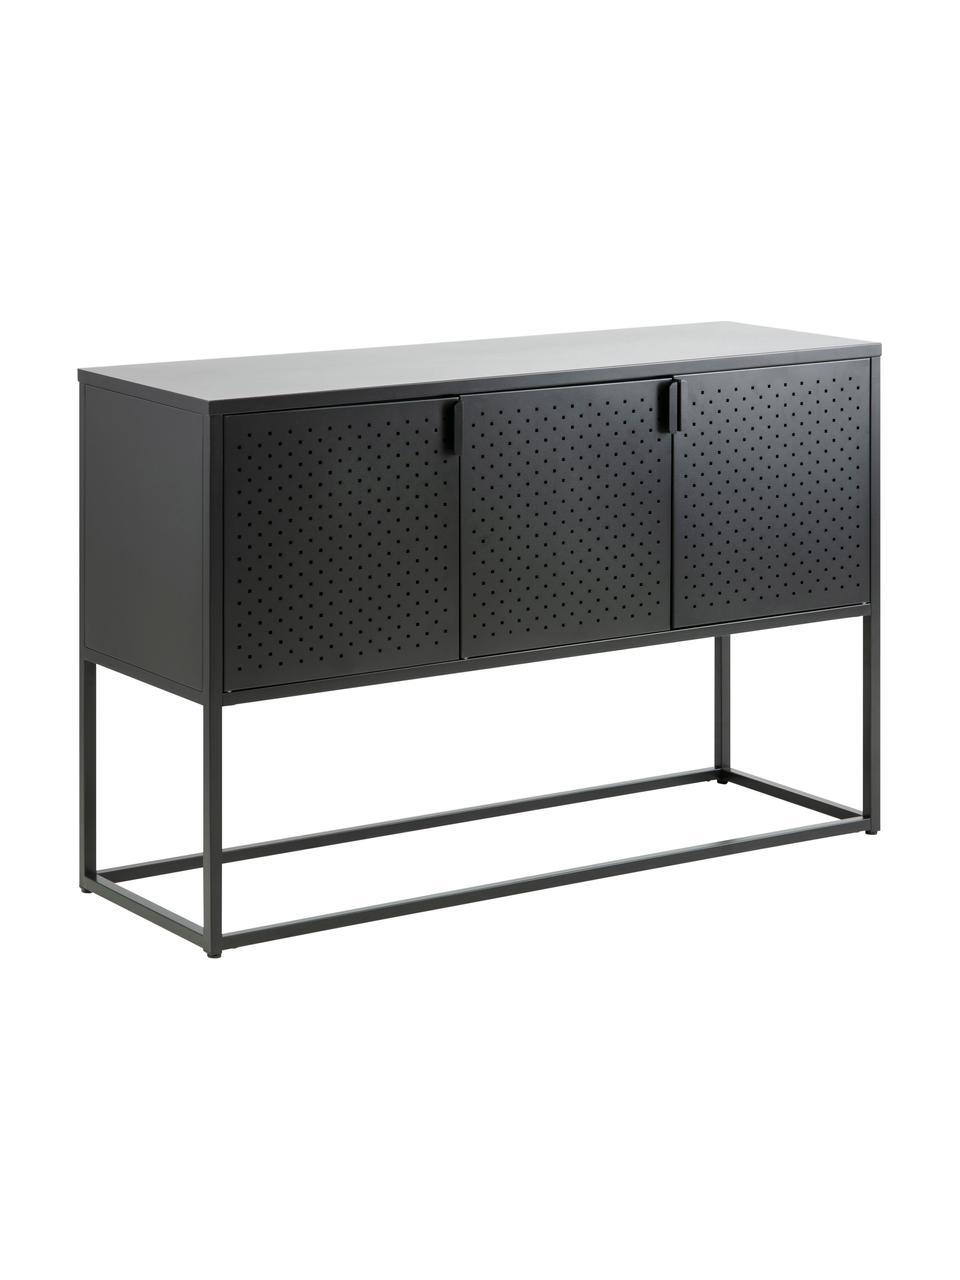 Metall-Sideboard Newton mit Türen in Schwarz, Metall, pulverbeschichtet, Schwarz, 120 x 80 cm